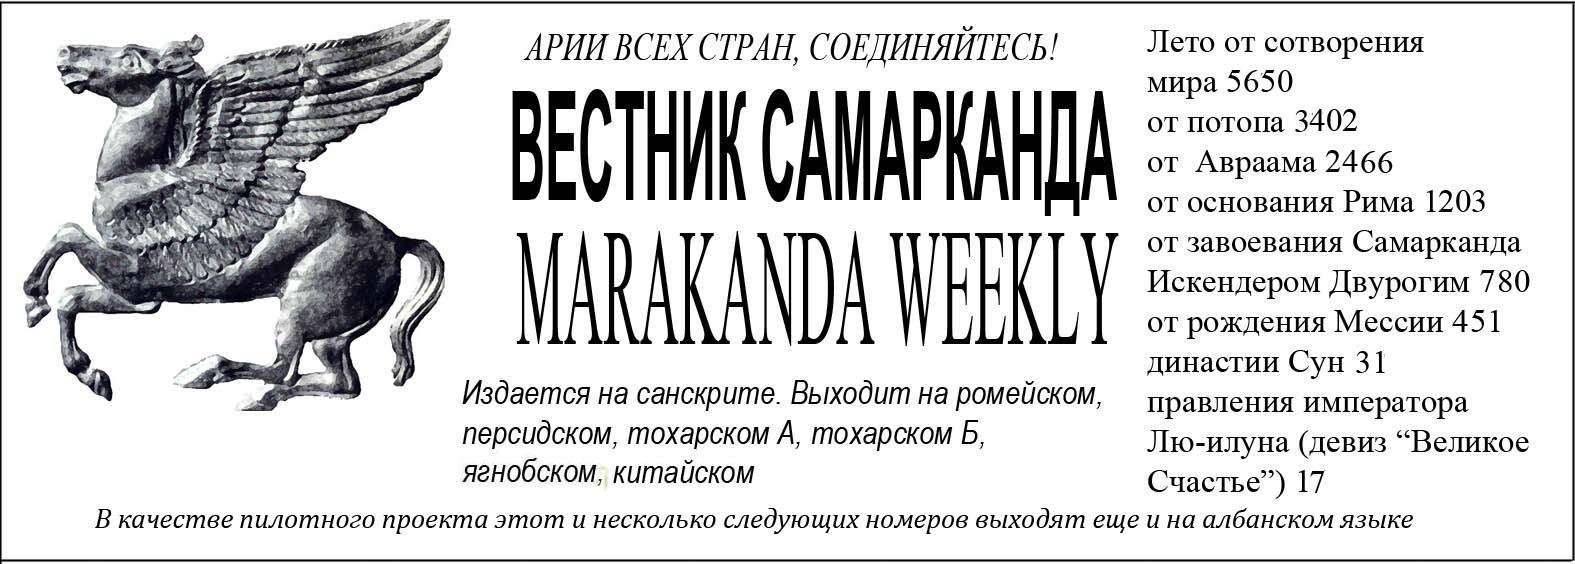 вестник Самарканда 451 2.jpg